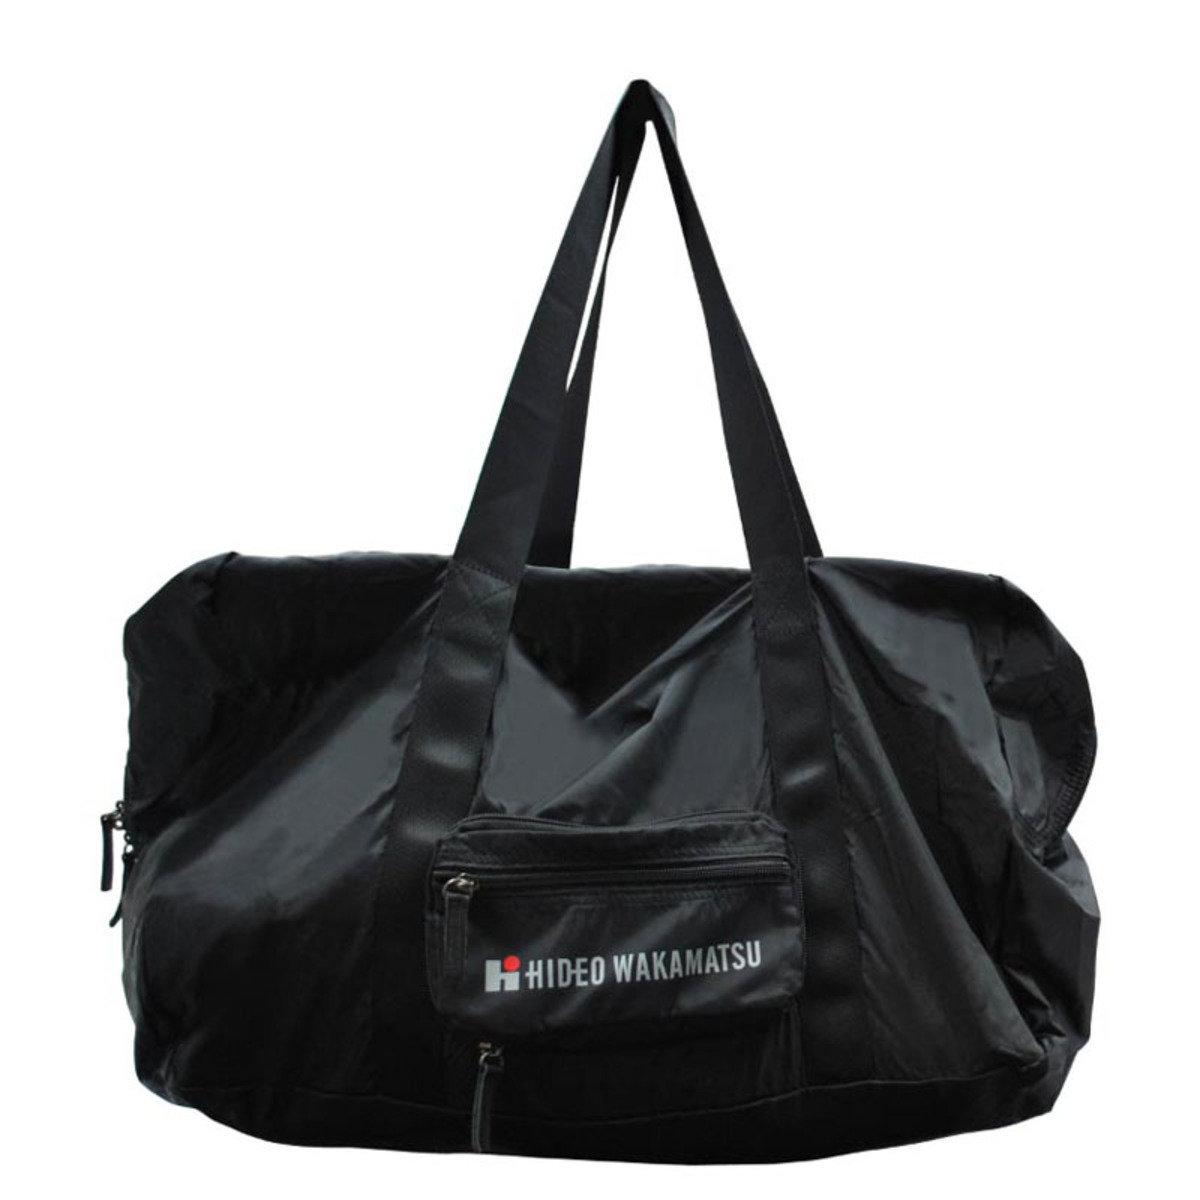 京都系列 - 22吋摺疊式旅行袋